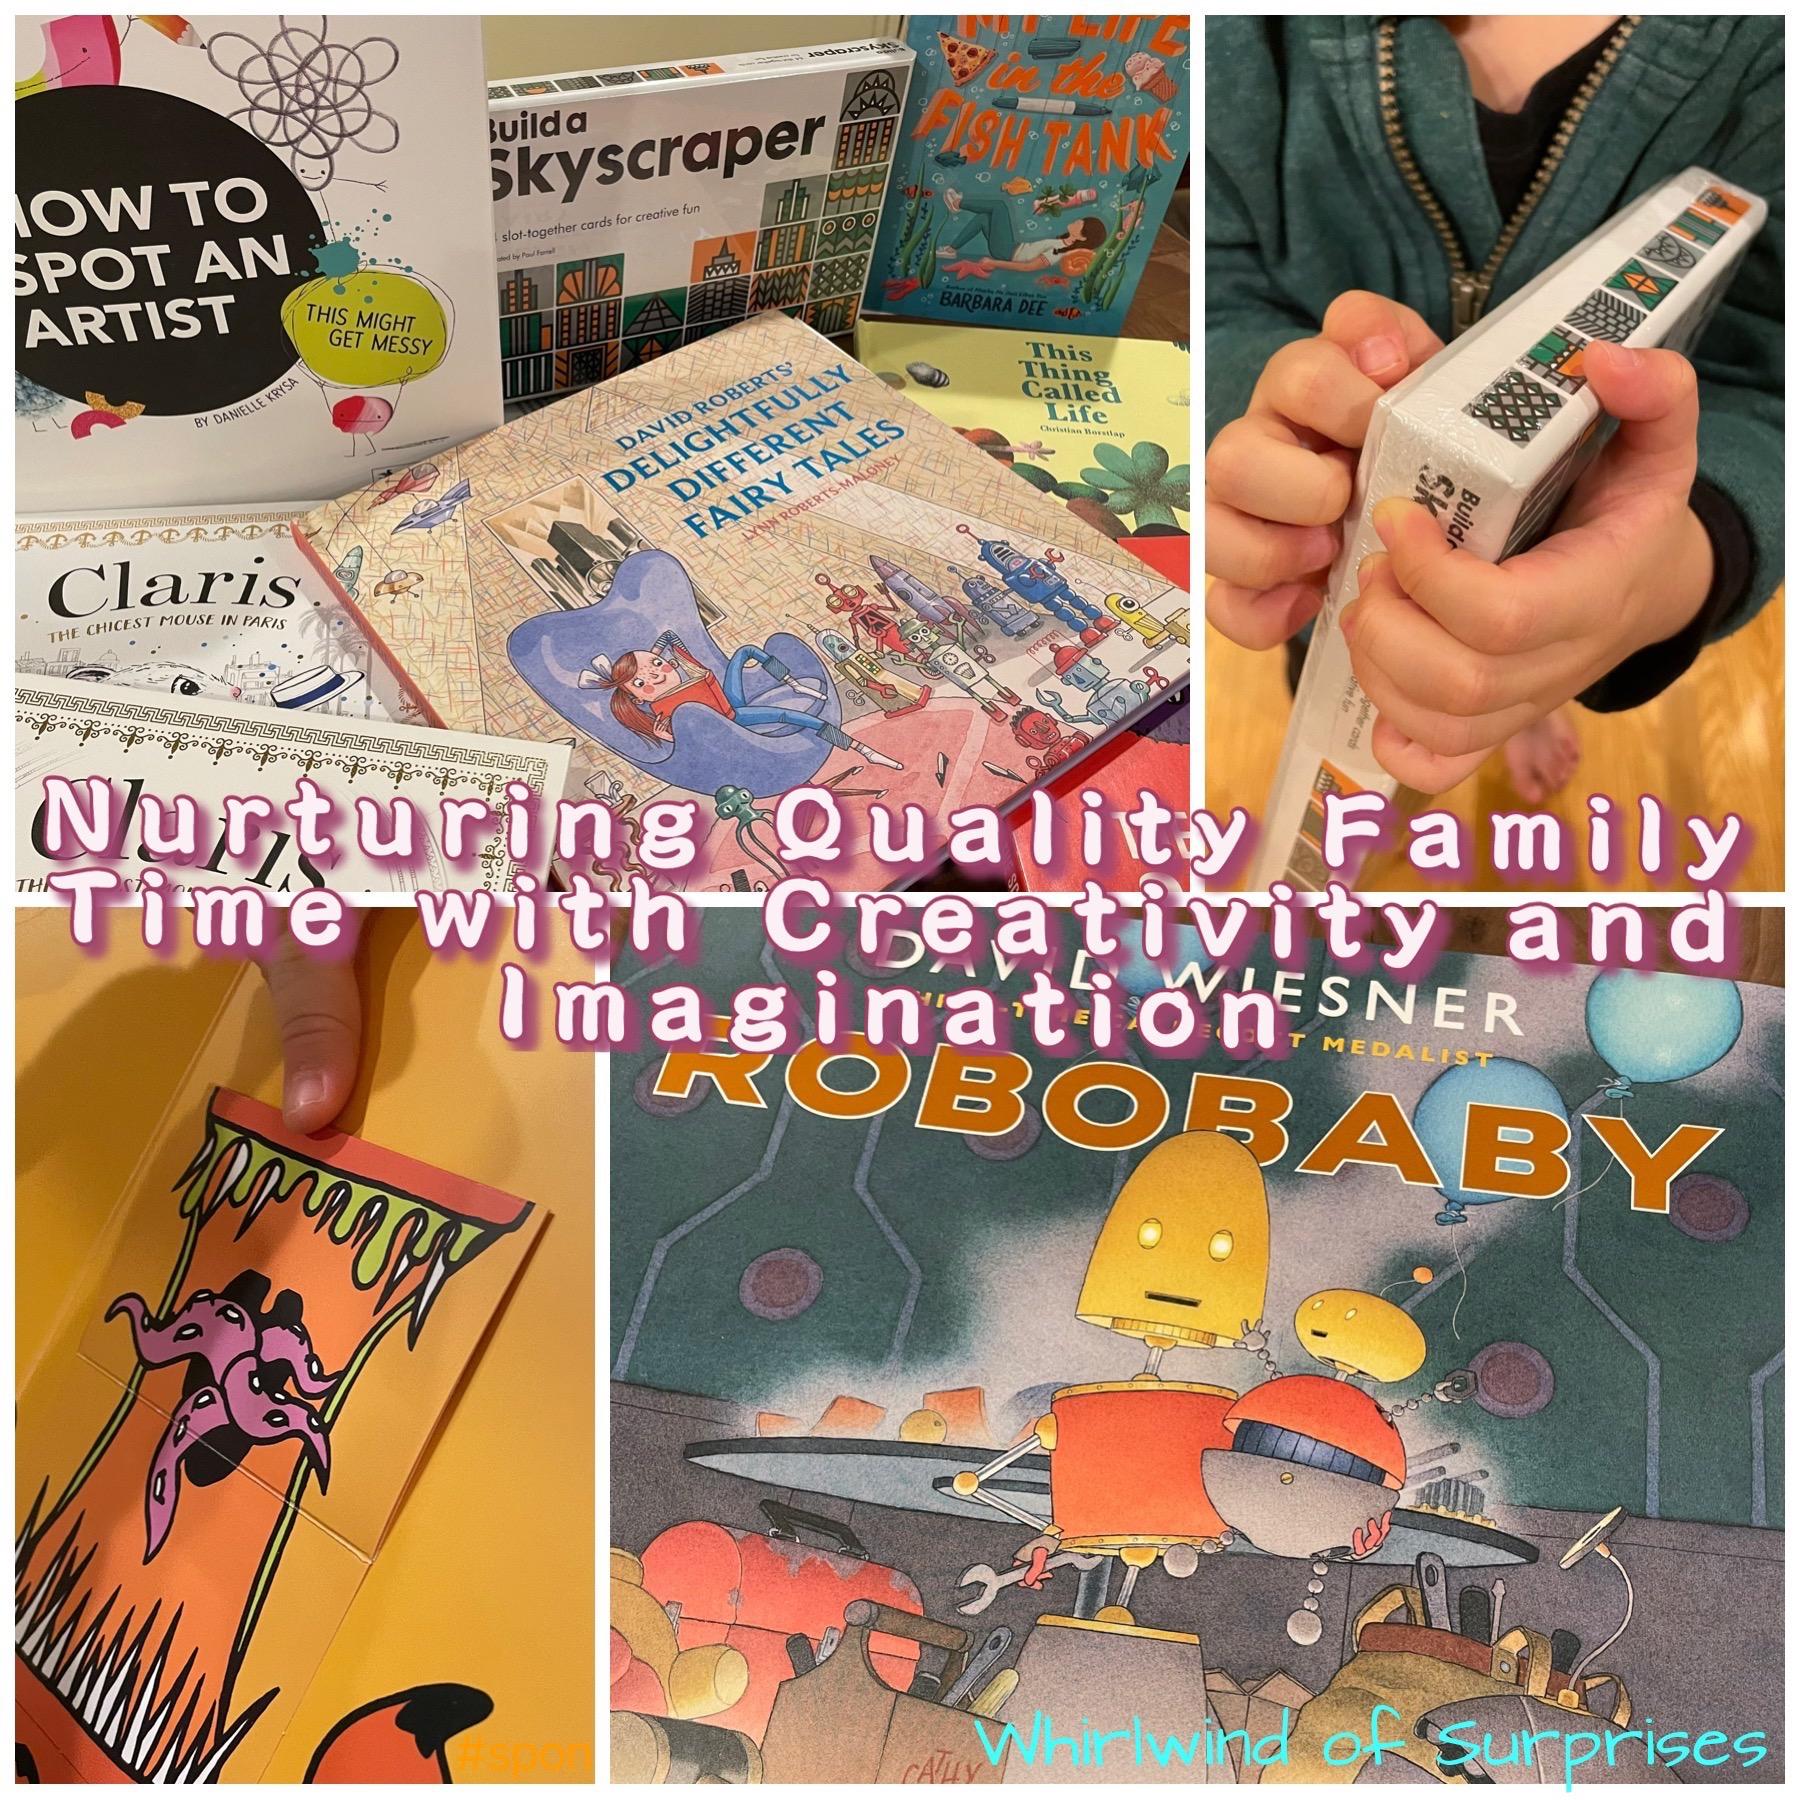 Nurturing Children with reading and creativity